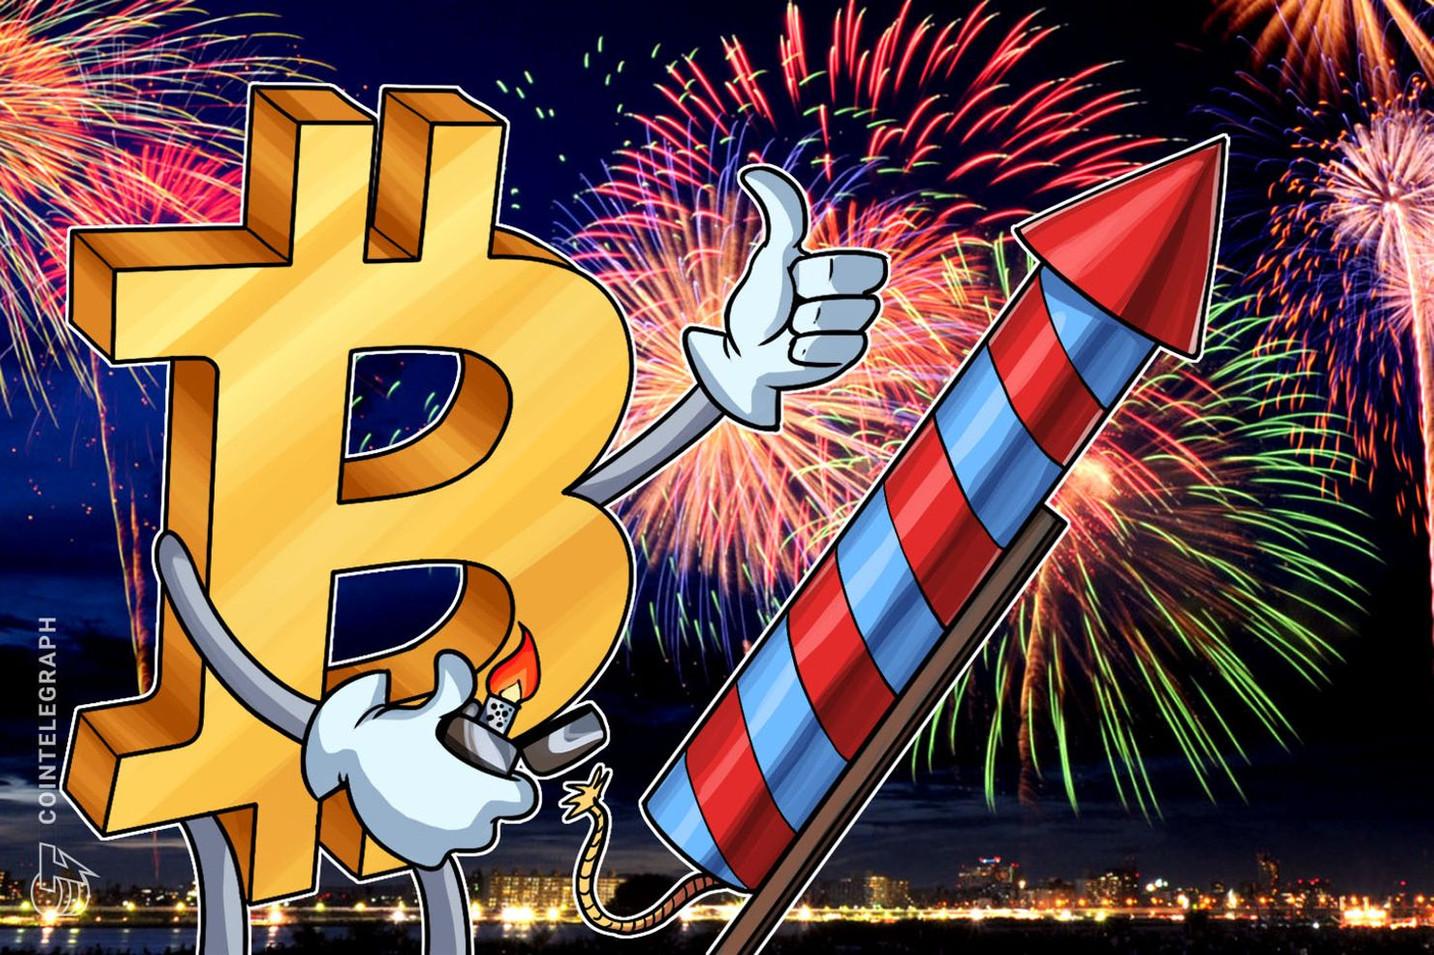 嵐の前の静けさ?来週のバックトのビットコイン先物 仮想通貨アナリストの期待高まる